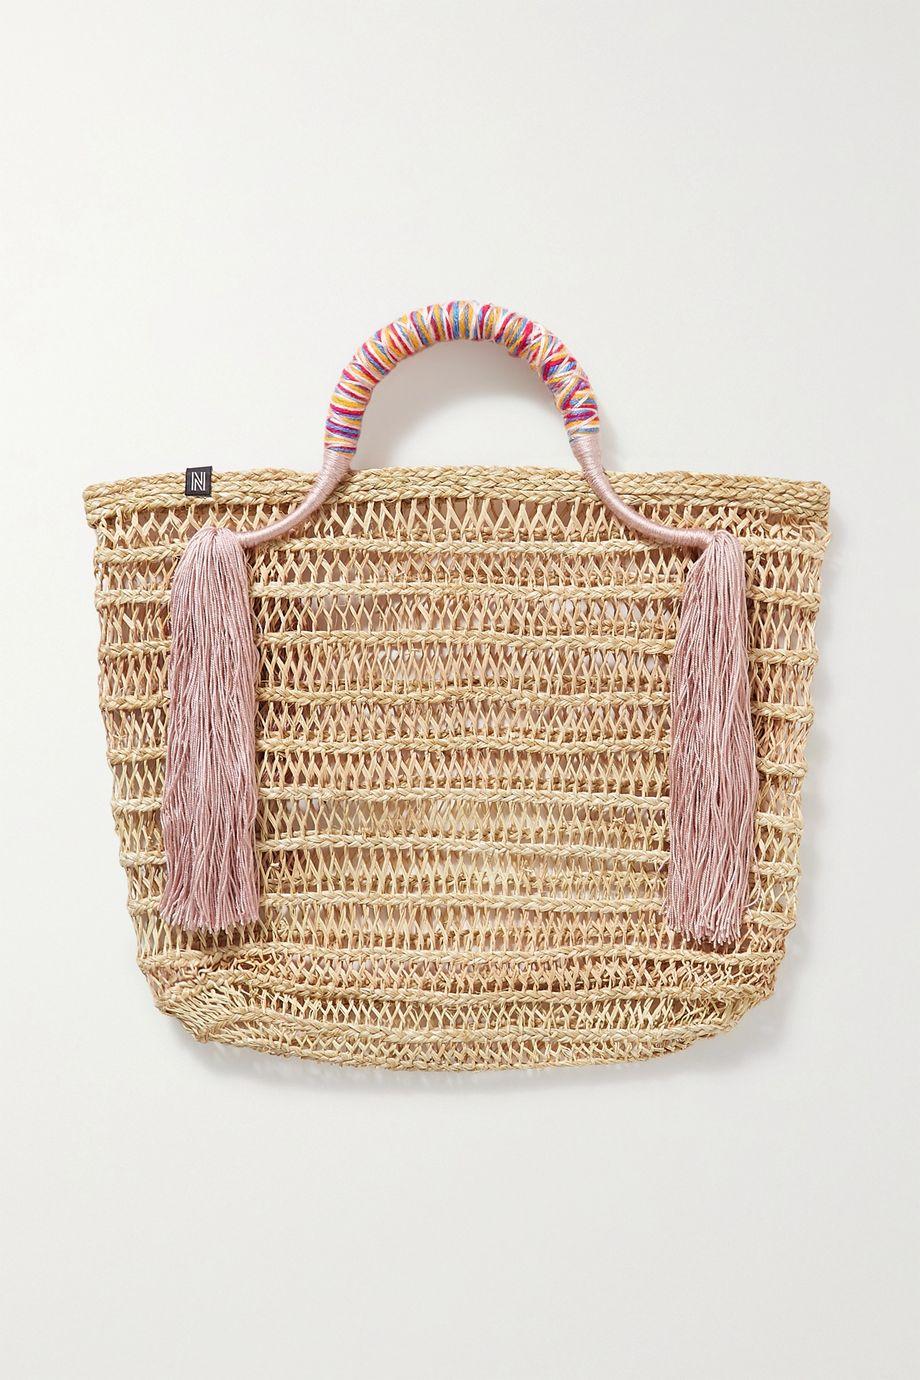 Nannacay Zana tasseled woven straw tote